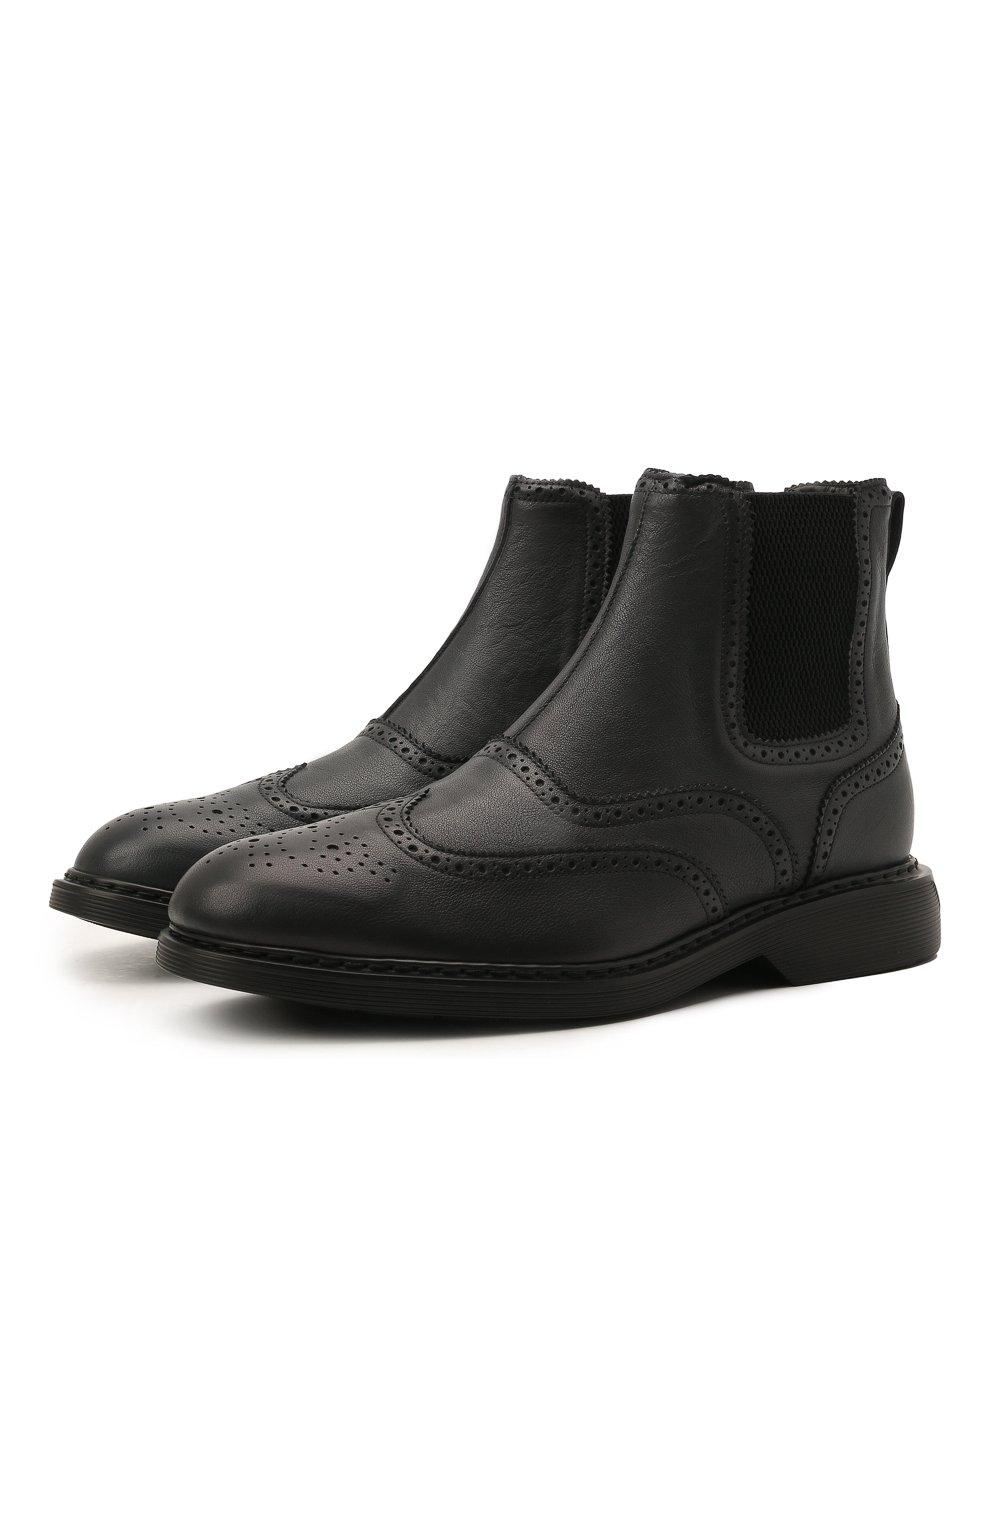 Мужские кожаные челси HOGAN темно-серого цвета, арт. HXM5760DT40Q7Q | Фото 1 (Материал внутренний: Текстиль; Подошва: Плоская; Мужское Кросс-КТ: Сапоги-обувь, Челси-обувь)